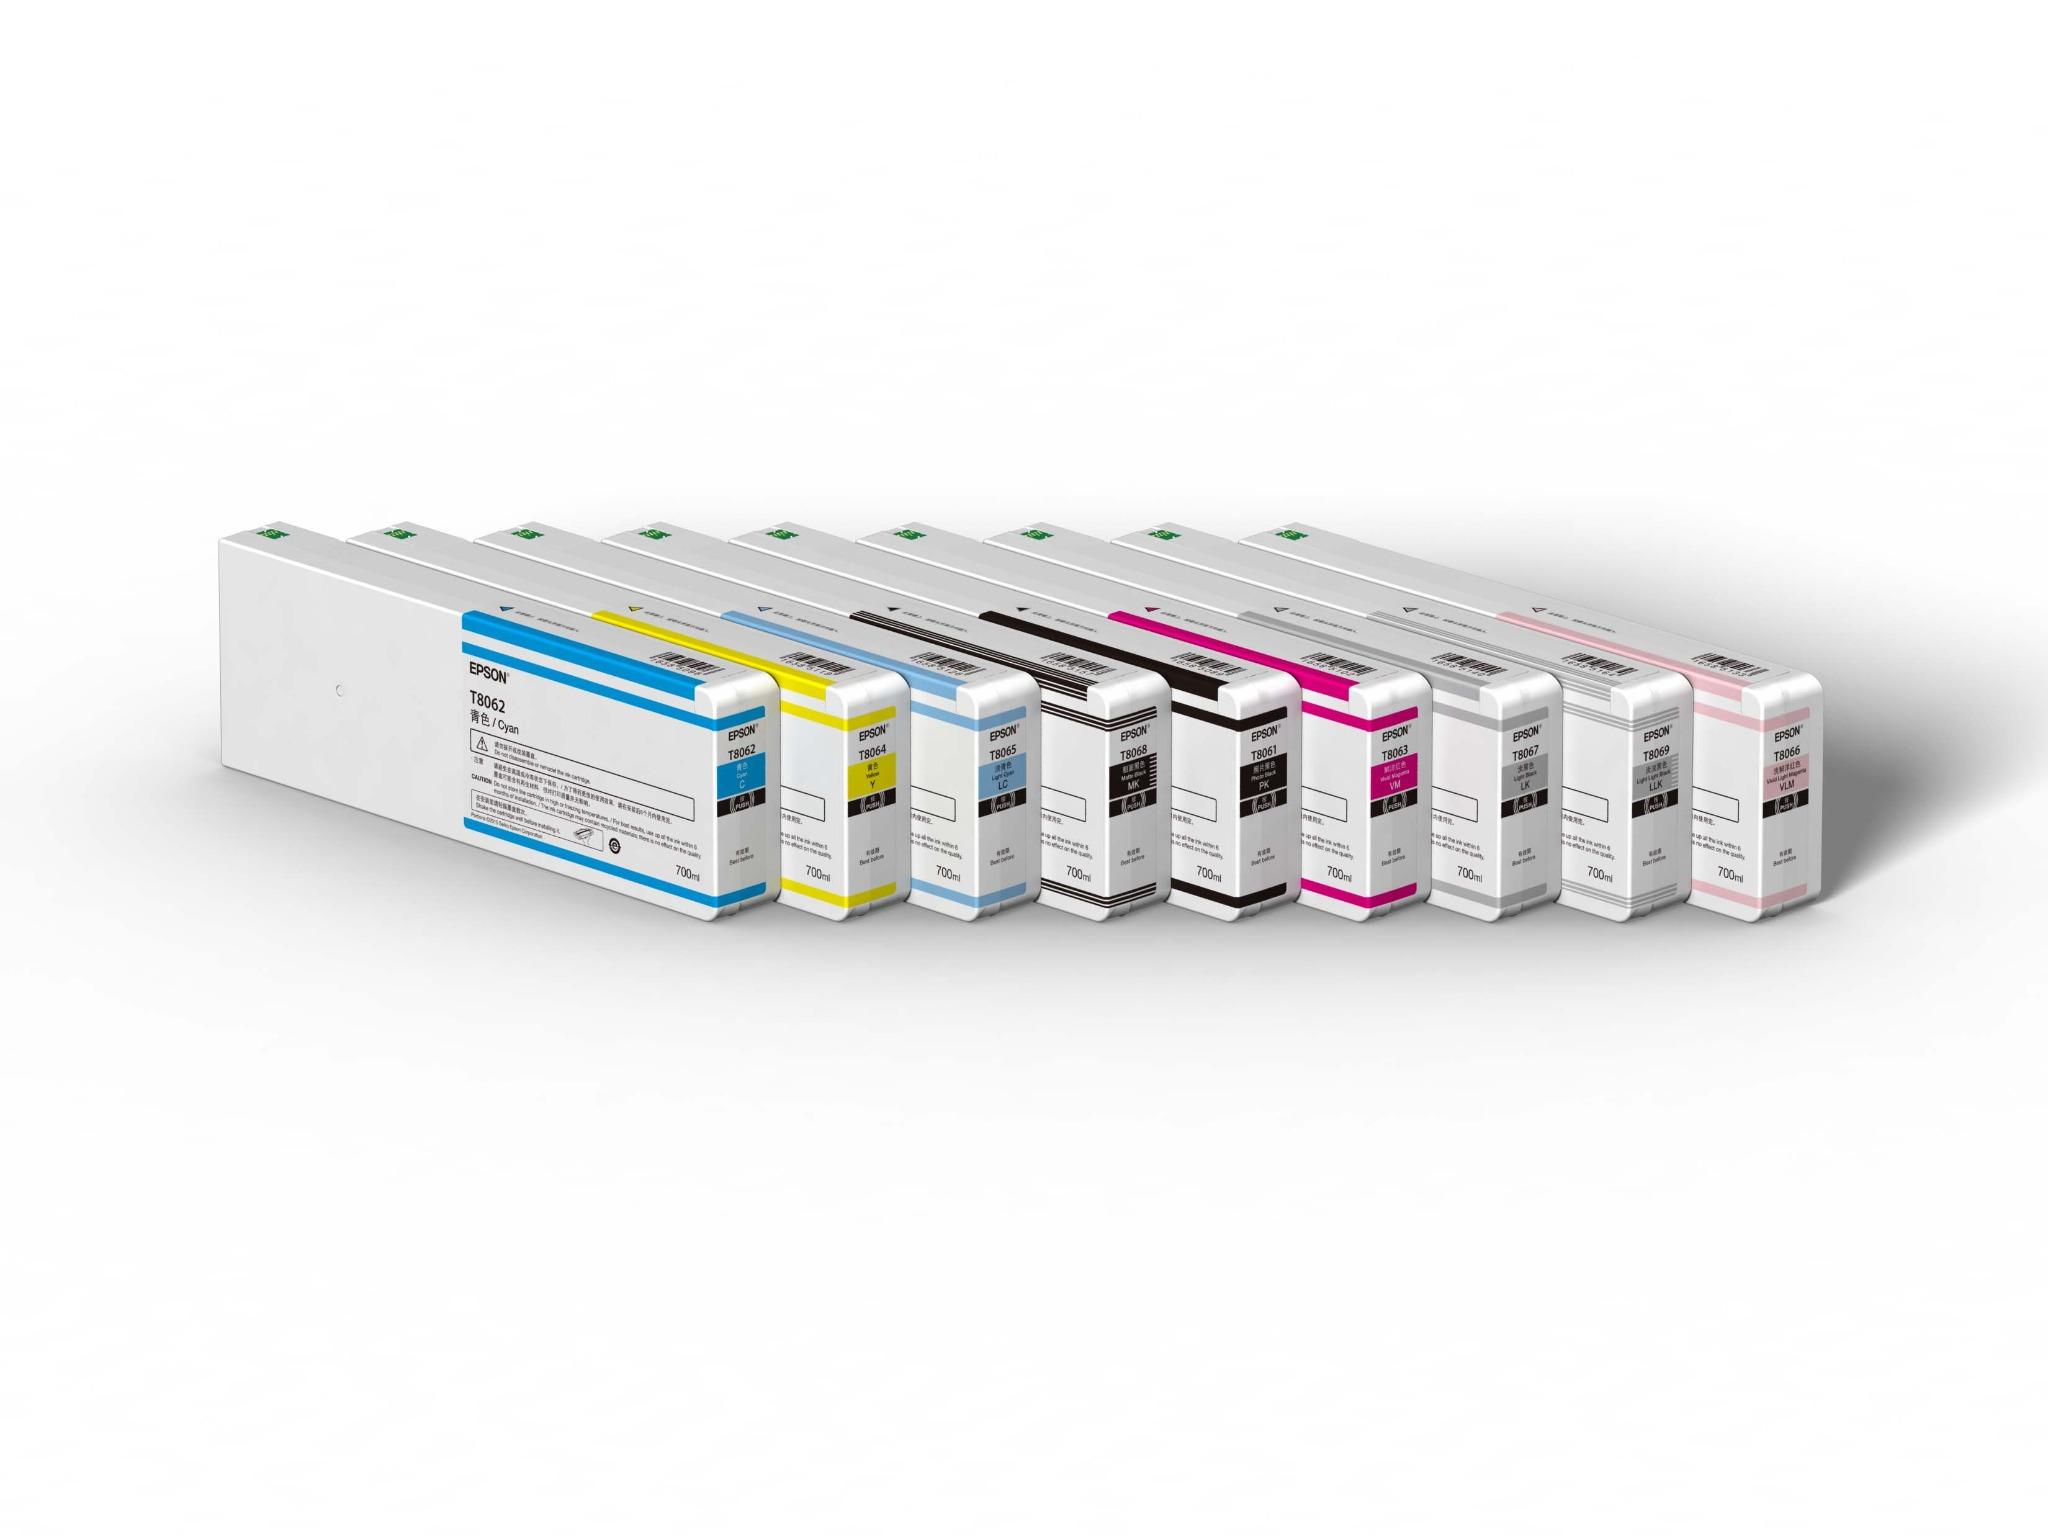 T806 Ink Series